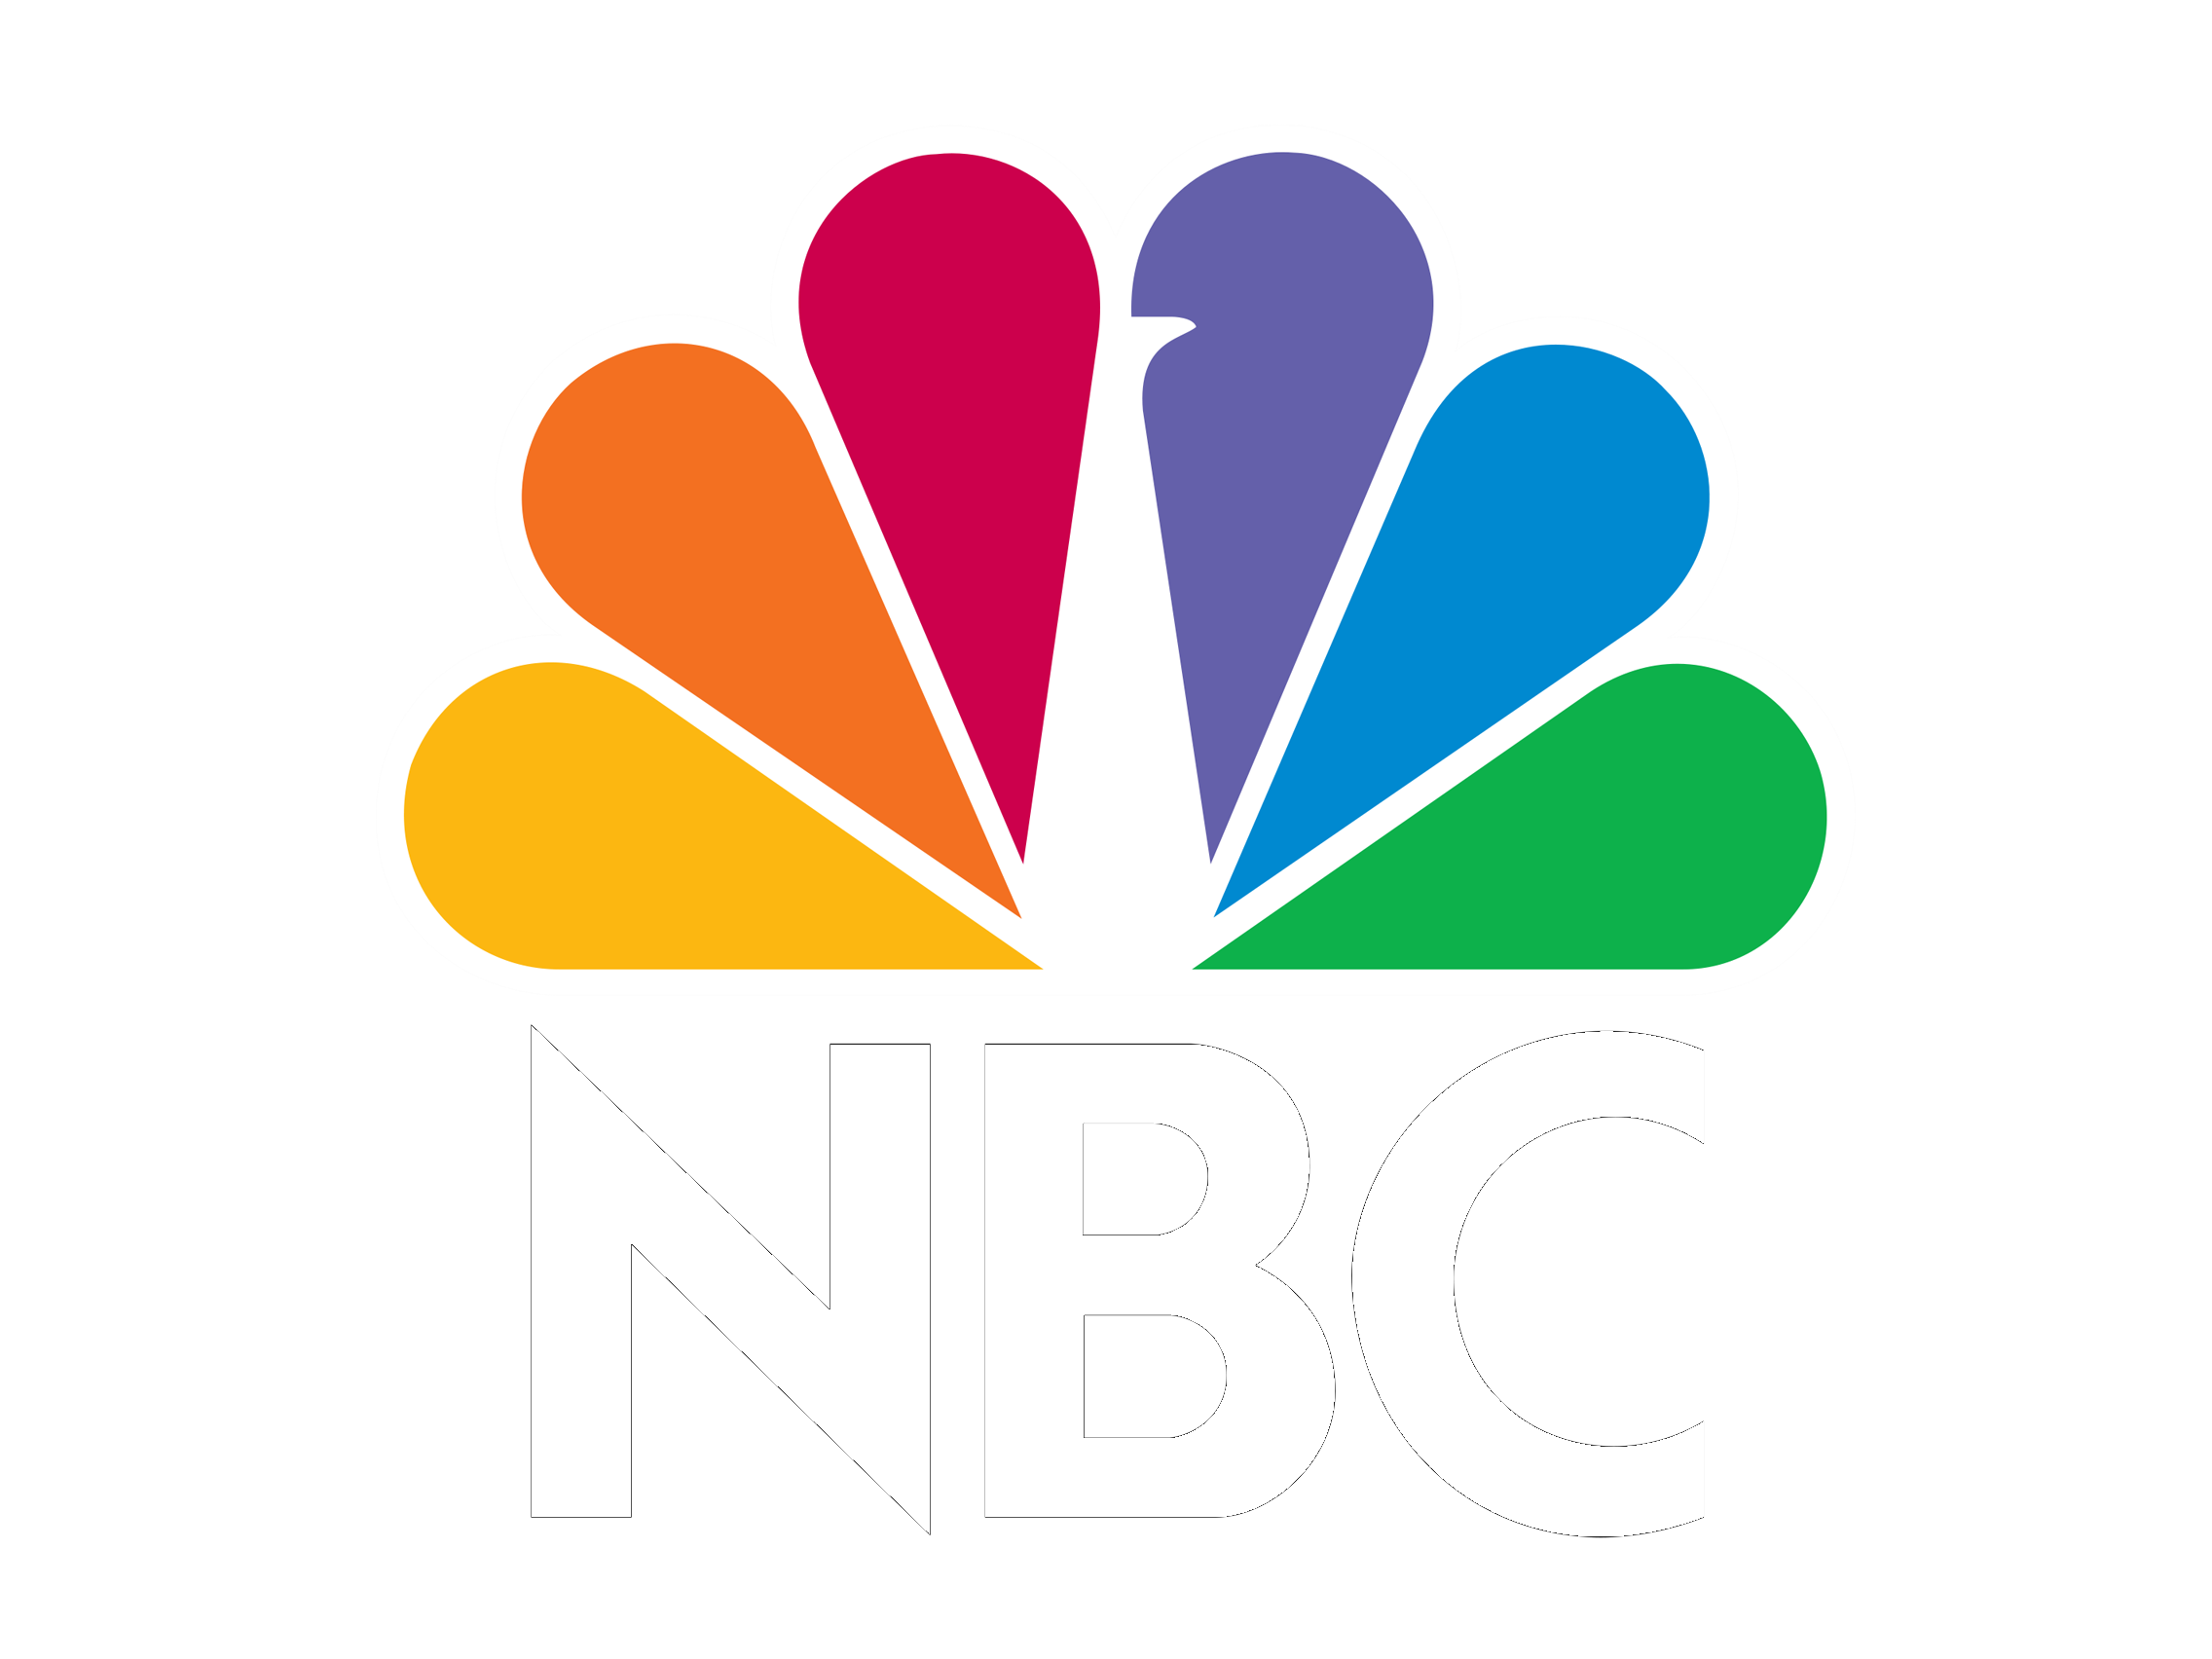 NBC-logo White.png